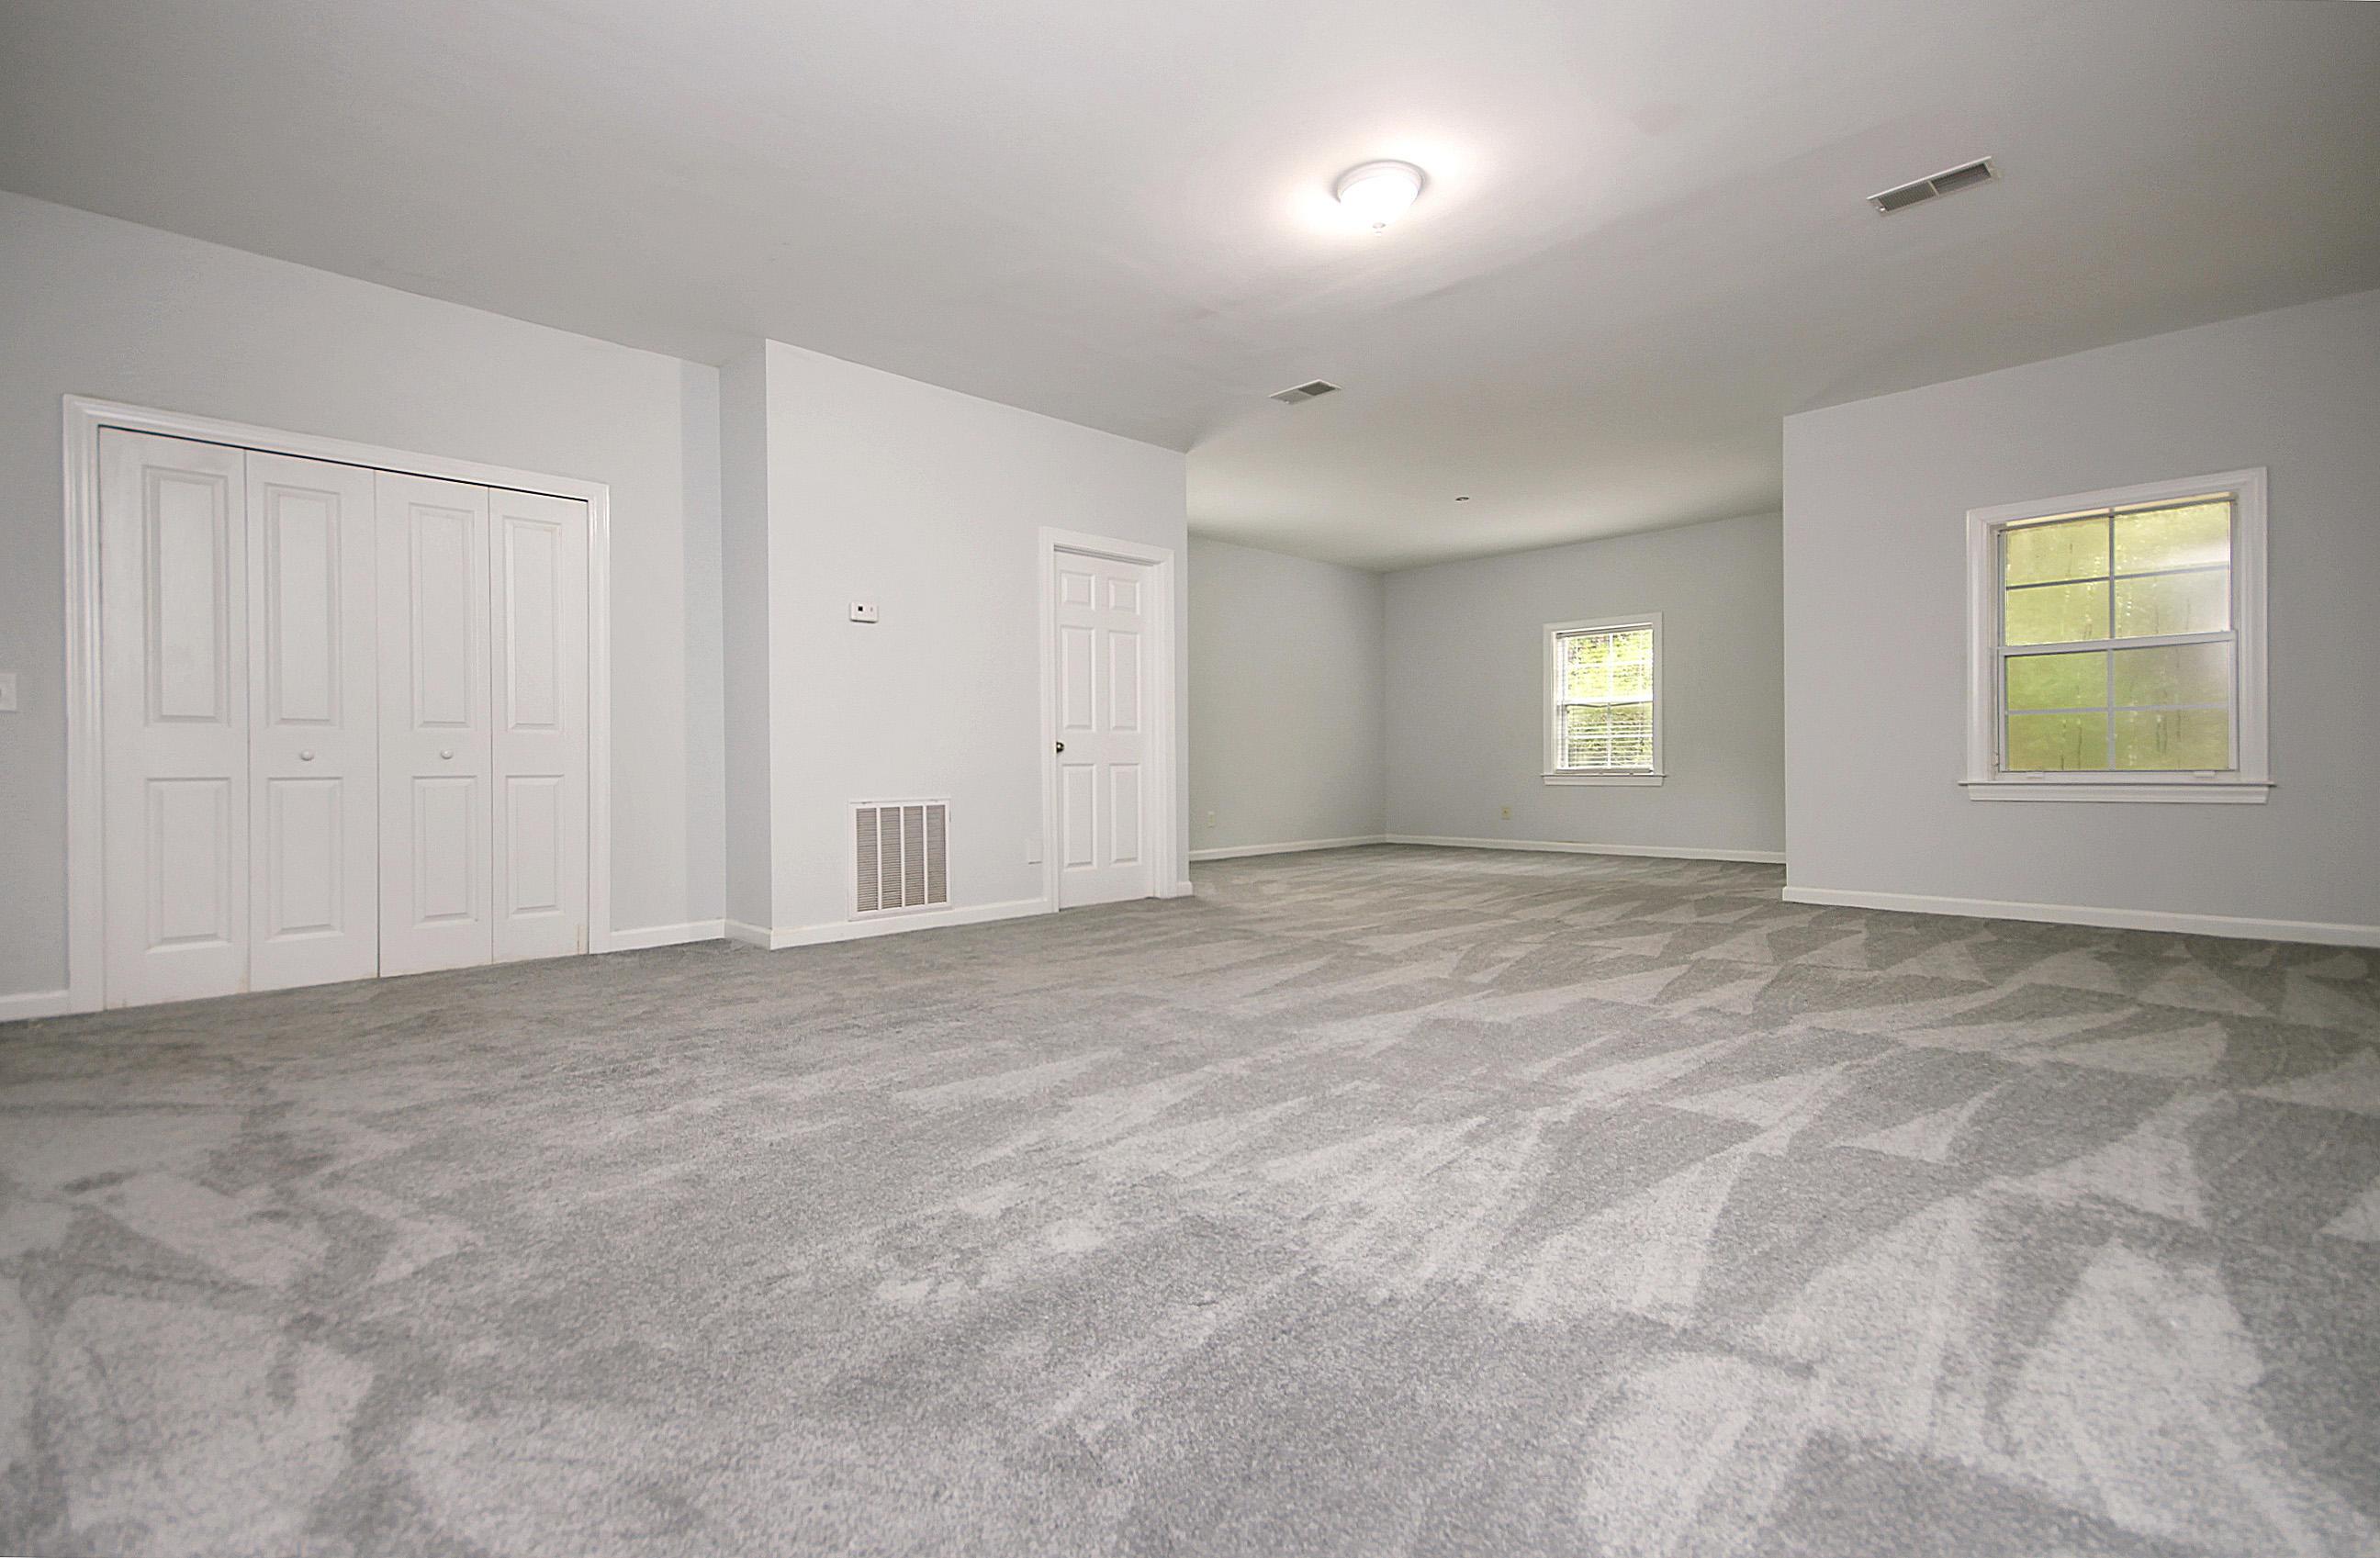 Dunes West Homes For Sale - 148 Palm Cove, Mount Pleasant, SC - 6